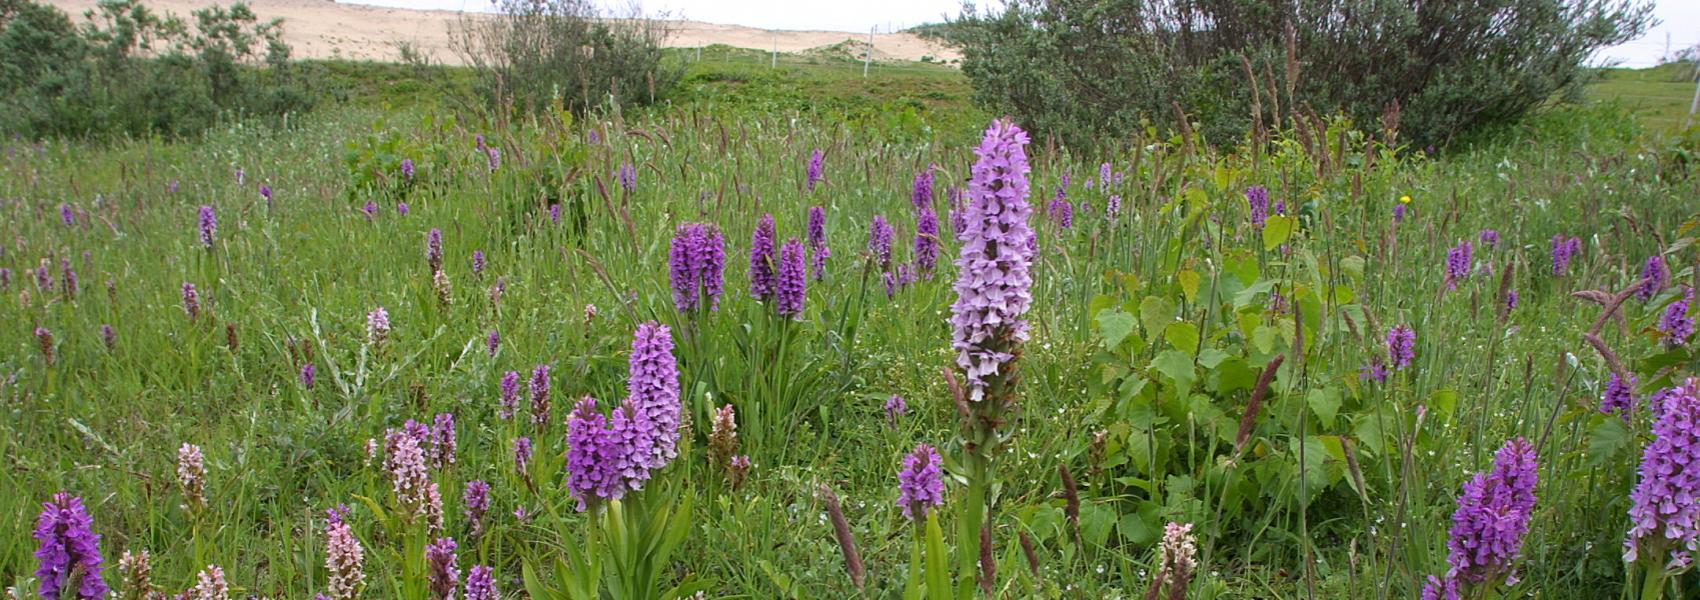 orchideeënweide